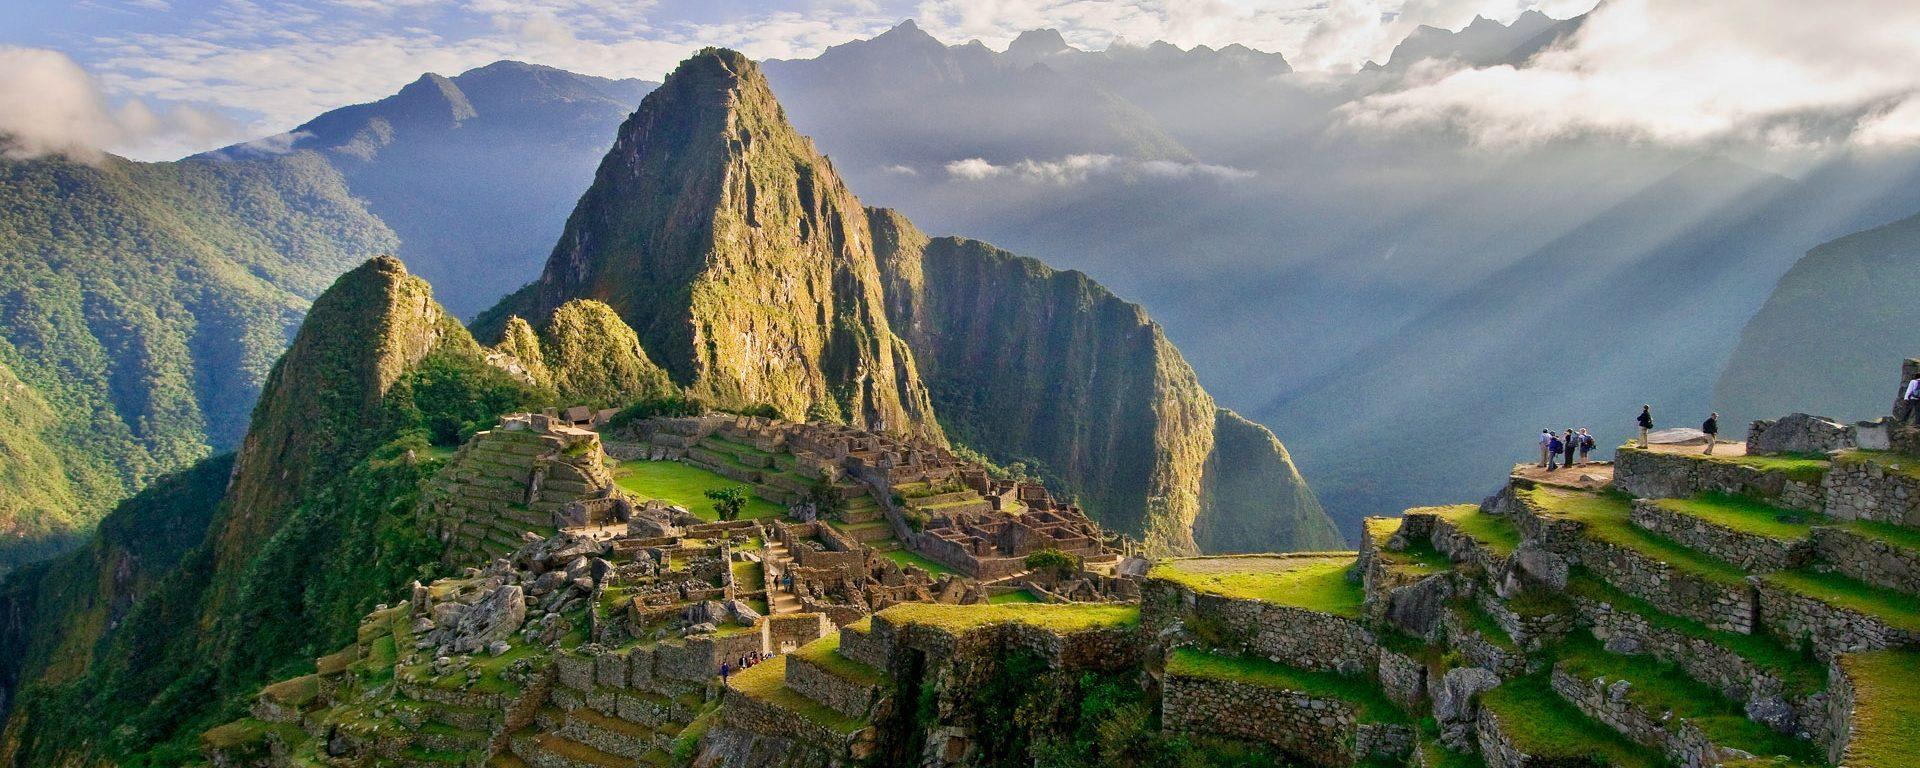 The suns rays break through the clouds illuminating Huayna Picchu, Machu Picchu, Peru